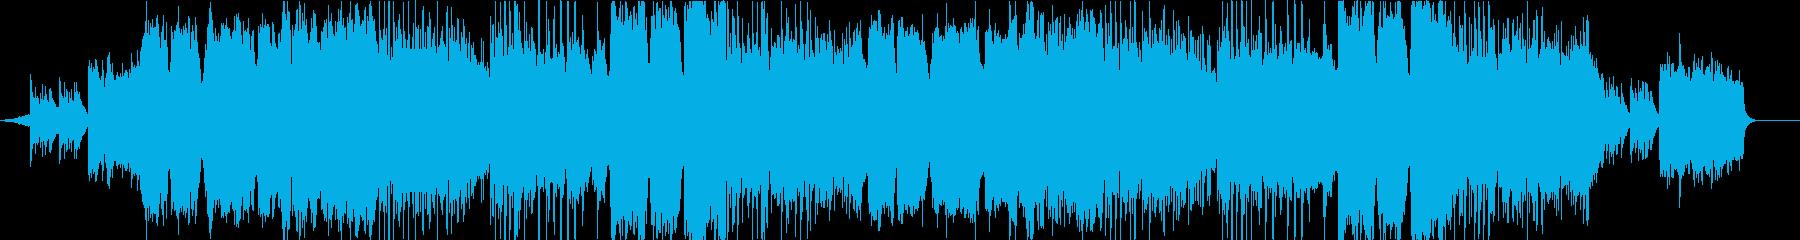 夕暮れの海を思わせるフルートの曲の再生済みの波形